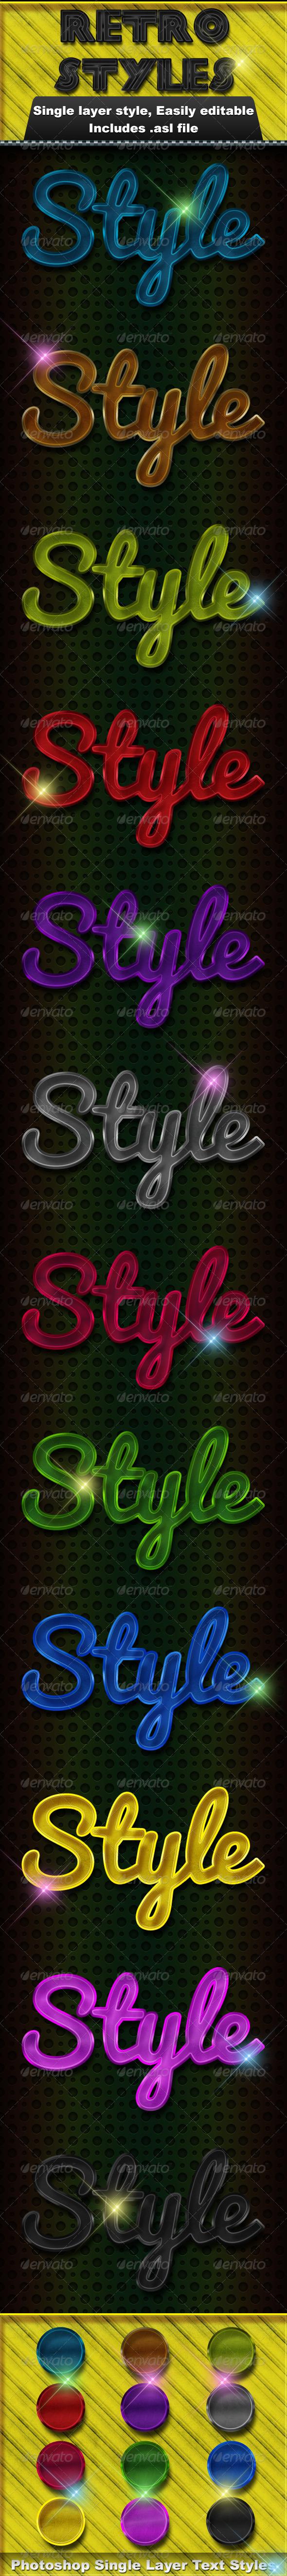 GraphicRiver Retro Styles 4540261